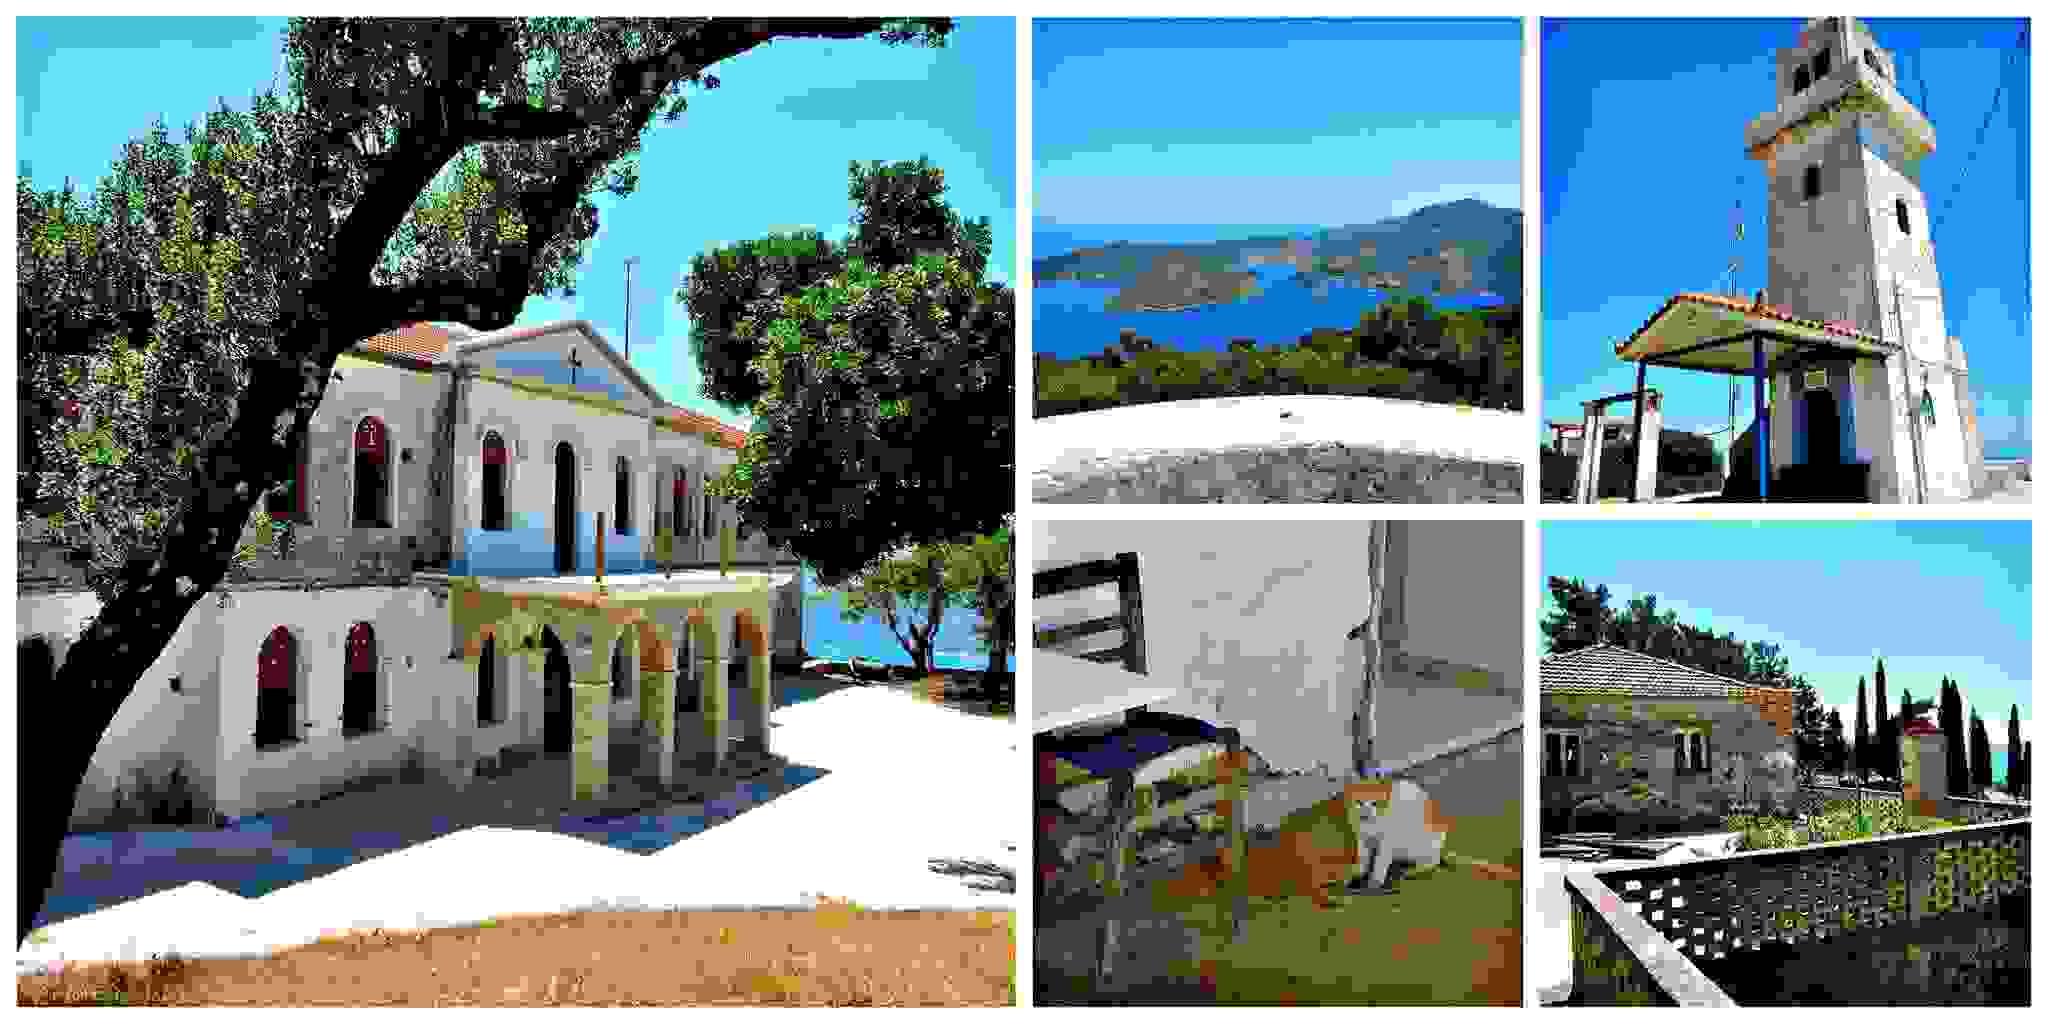 Ιερά Μονή Παναγίας Καθαρών στην Ιθάκη – με θέα τον απέραντο ορίζοντα του Ιονίου! Γράφει η Αναστασία Κανάκη